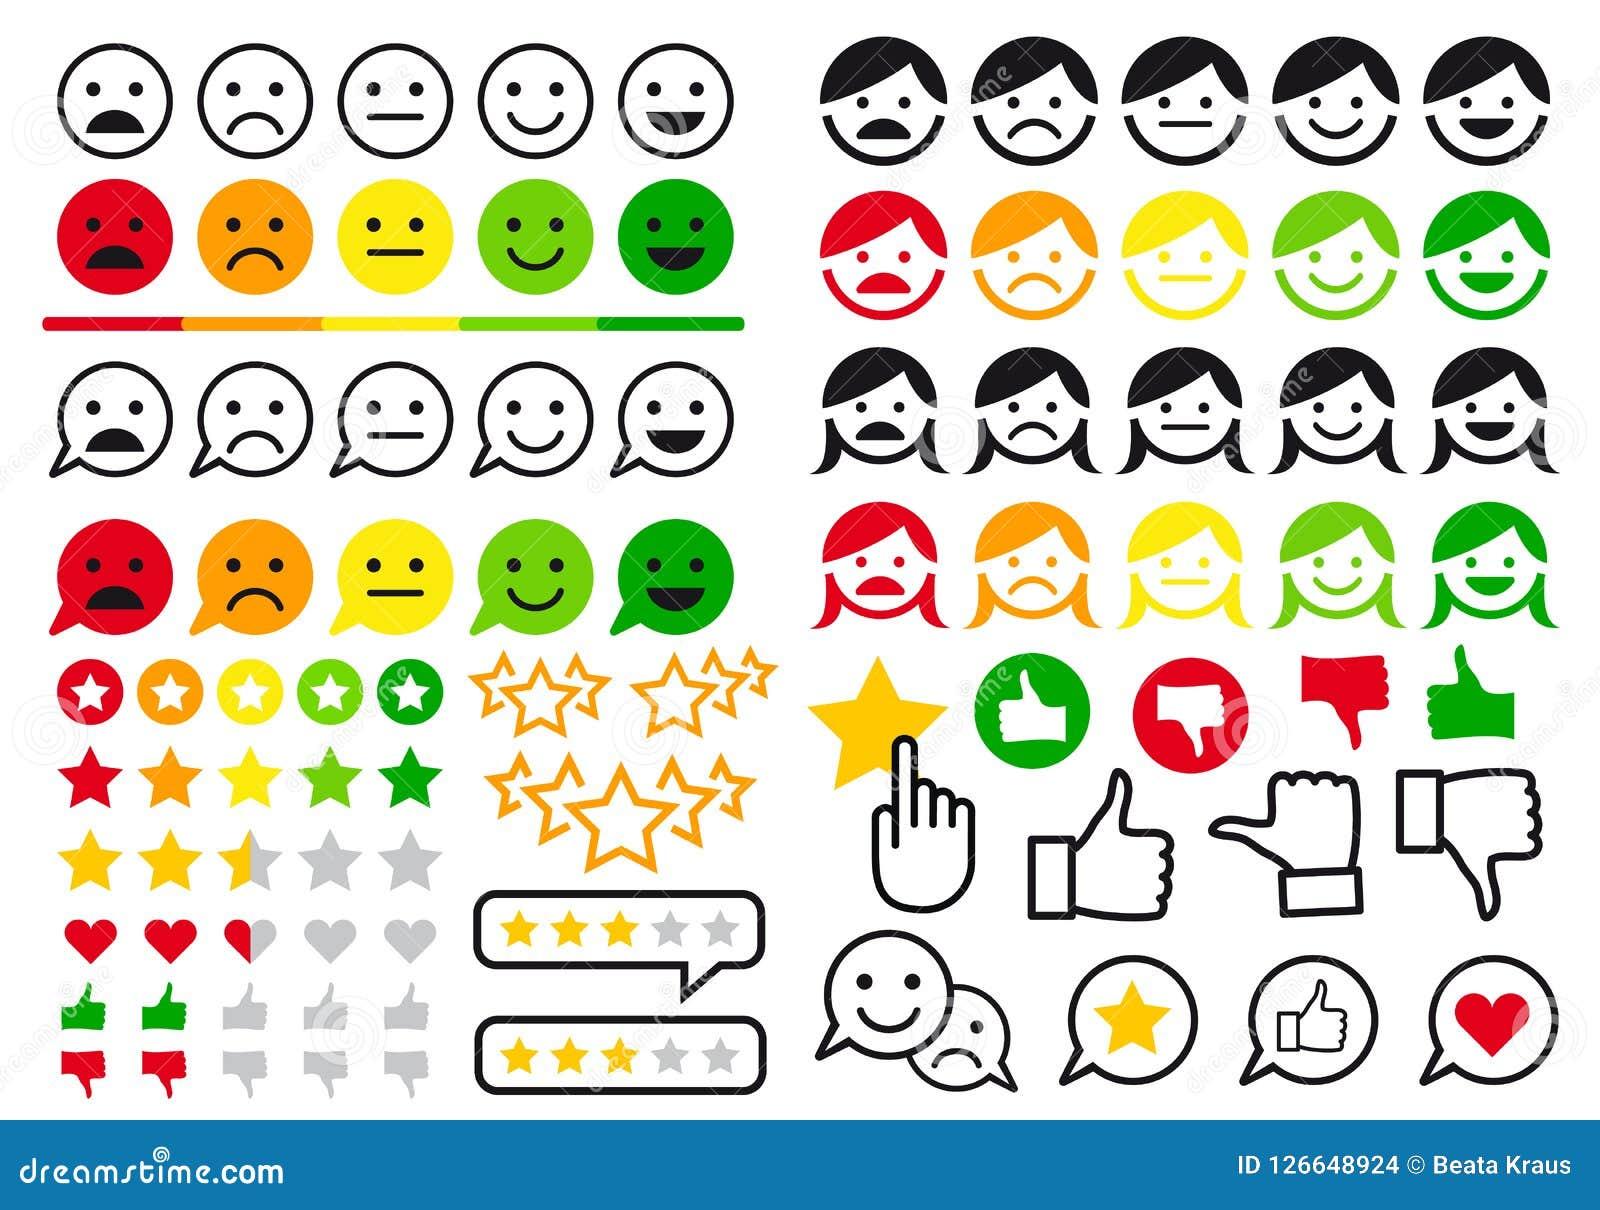 review stock illustrations  u2013 28 446 review stock illustrations  vectors  u0026 clipart